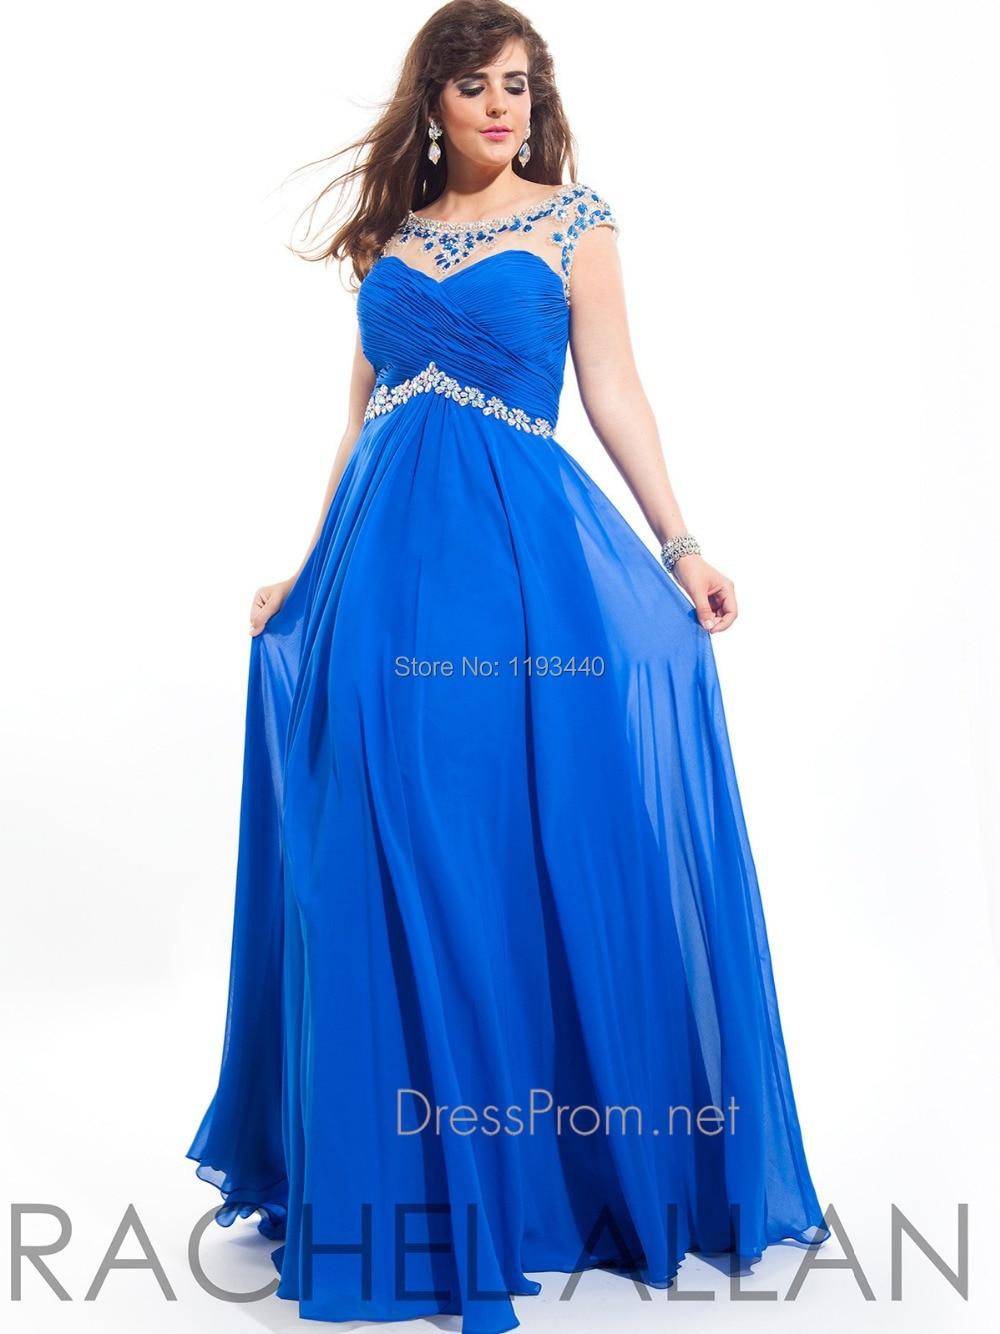 empire waist plus size prom dresses images - dresses design ideas